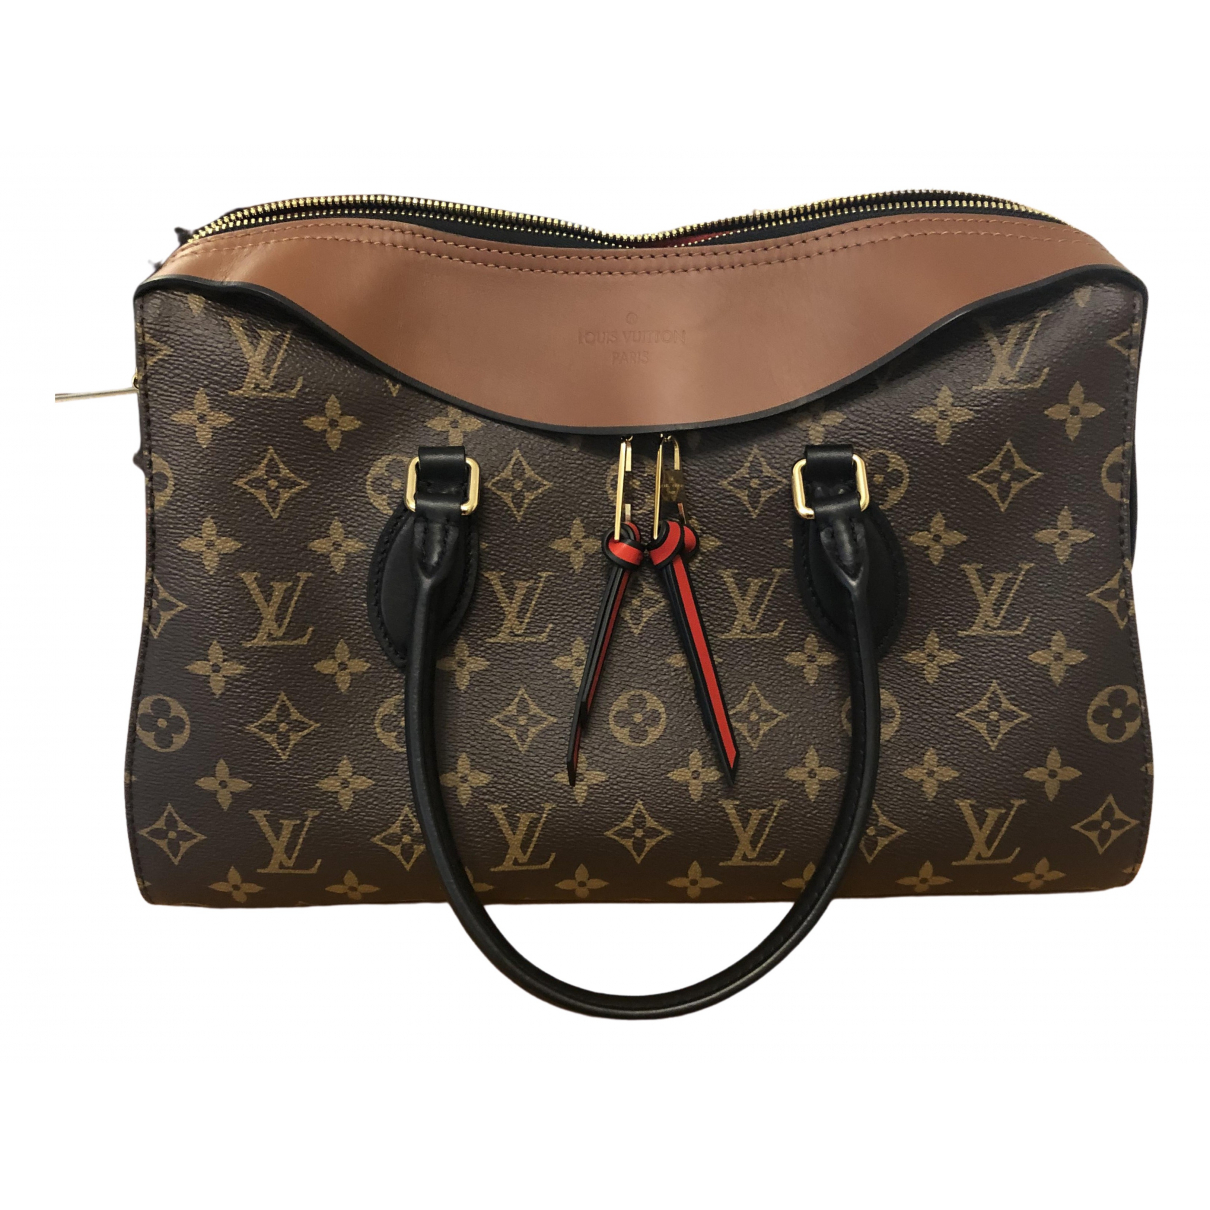 Louis Vuitton Tuileries Brown Cloth handbag for Women N